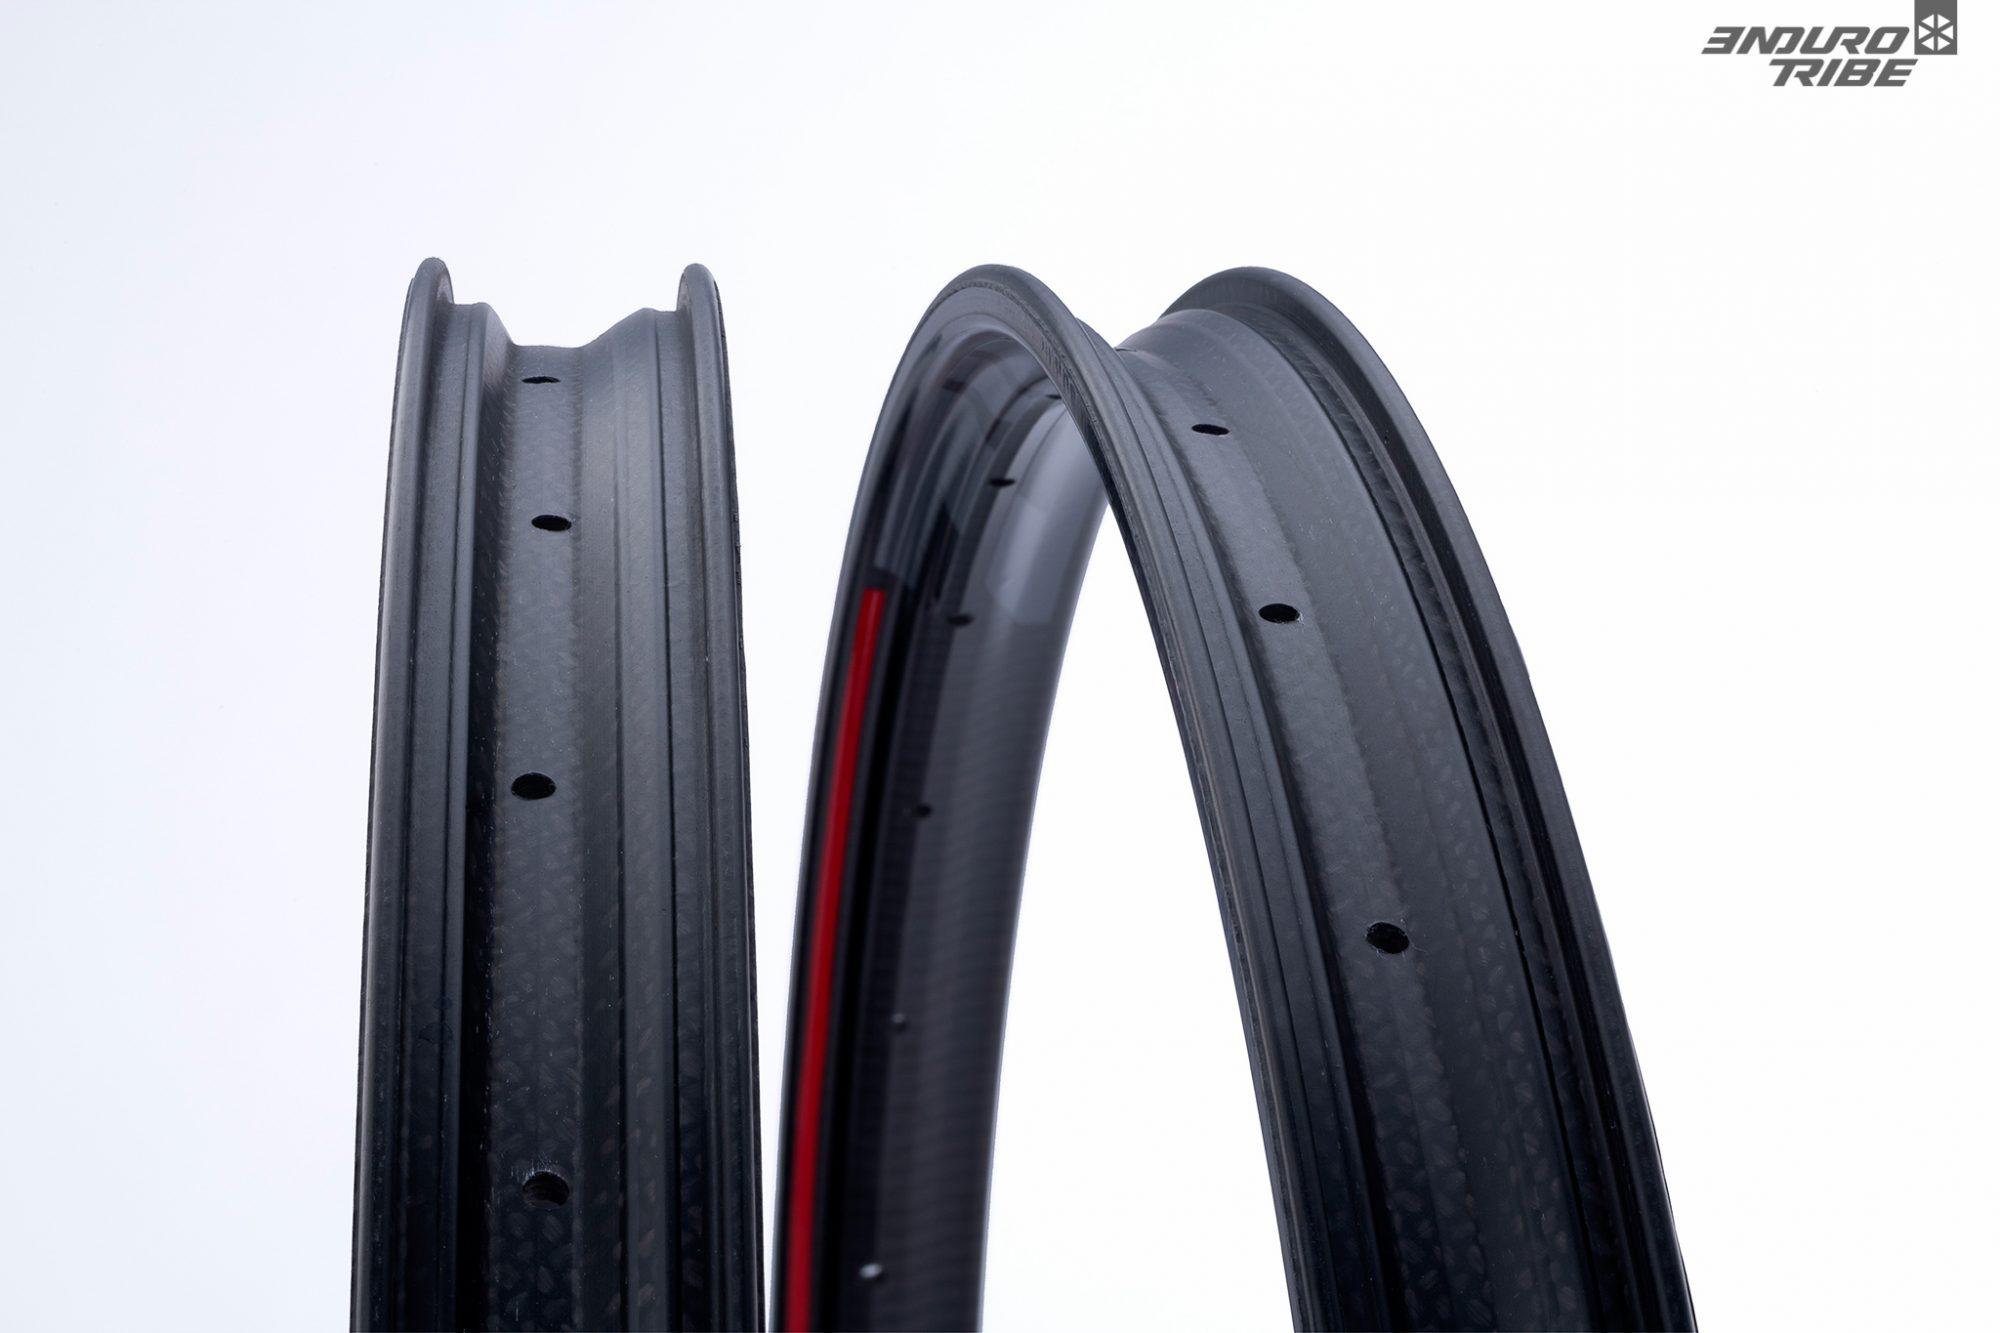 Le carbone, au tressage particulièrement propre et régulier, est laissé apparent sur la face visible des jantes Zipp 3Zero Moto.